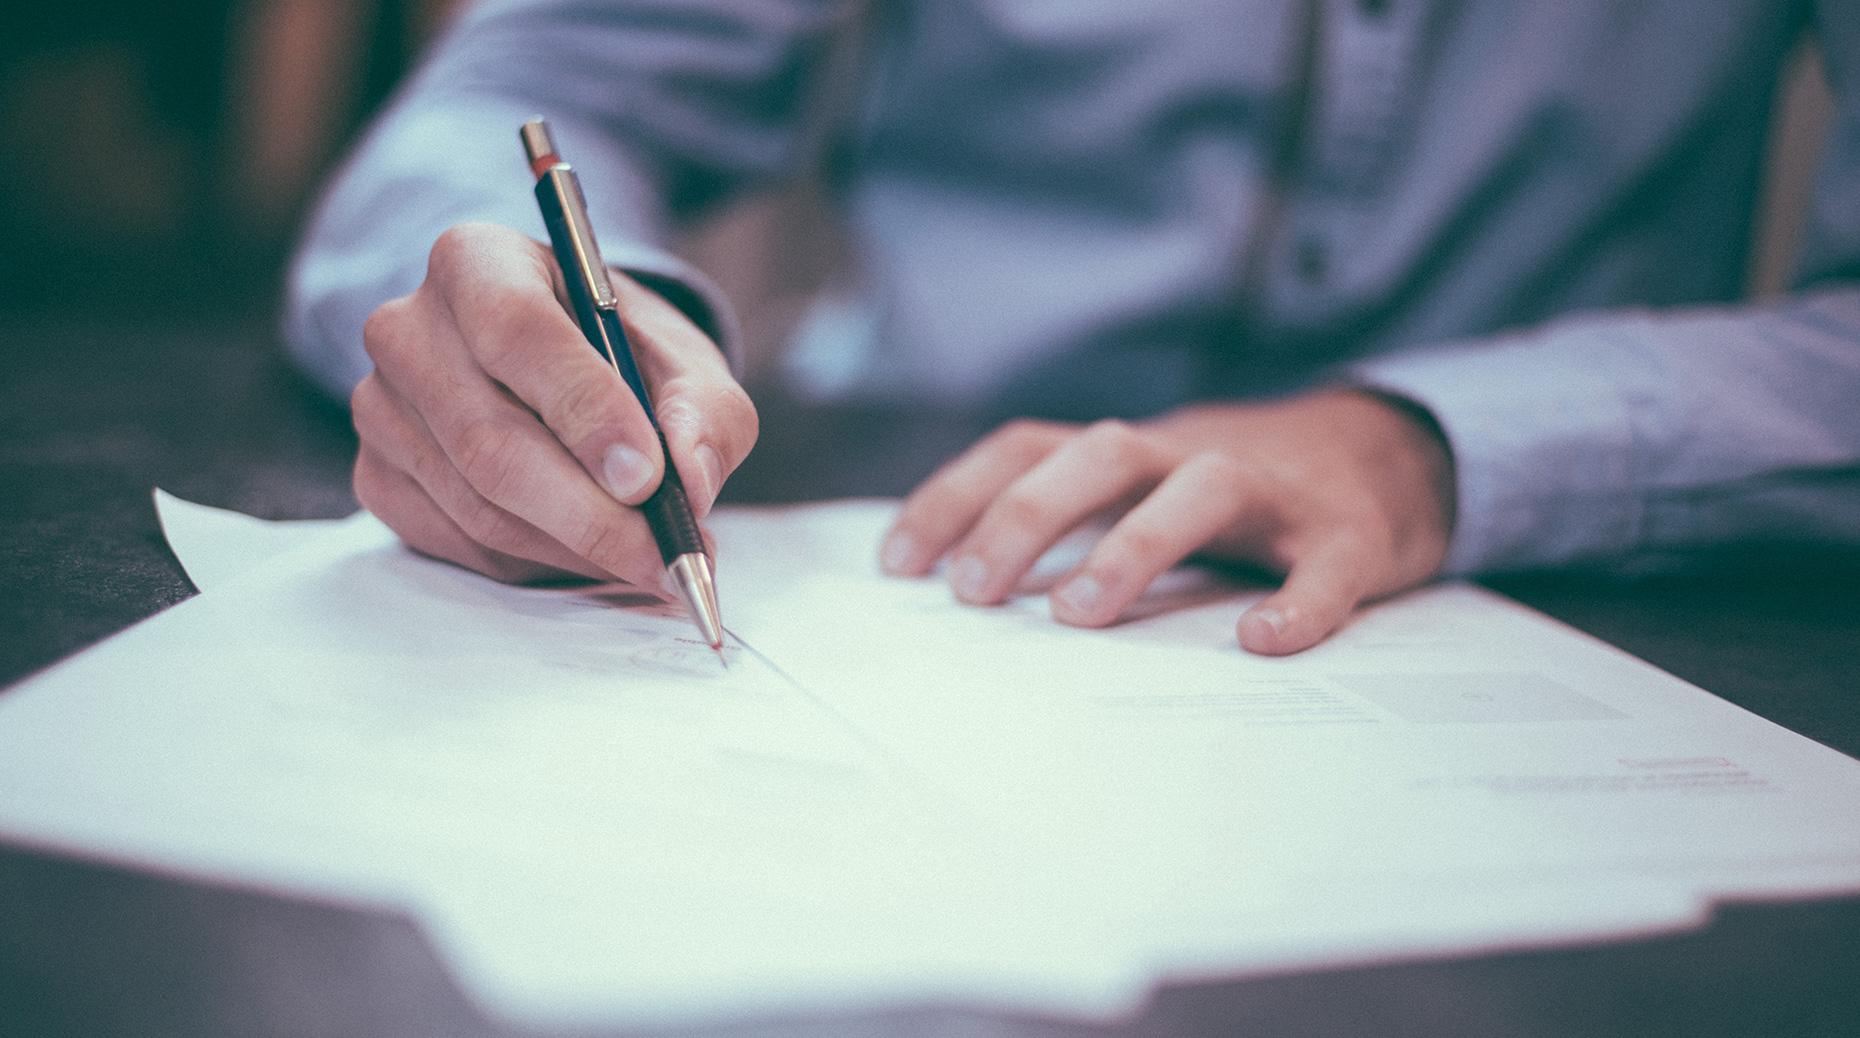 IJ des professions libérales : Quel impact sur les contrats prévoyance ?